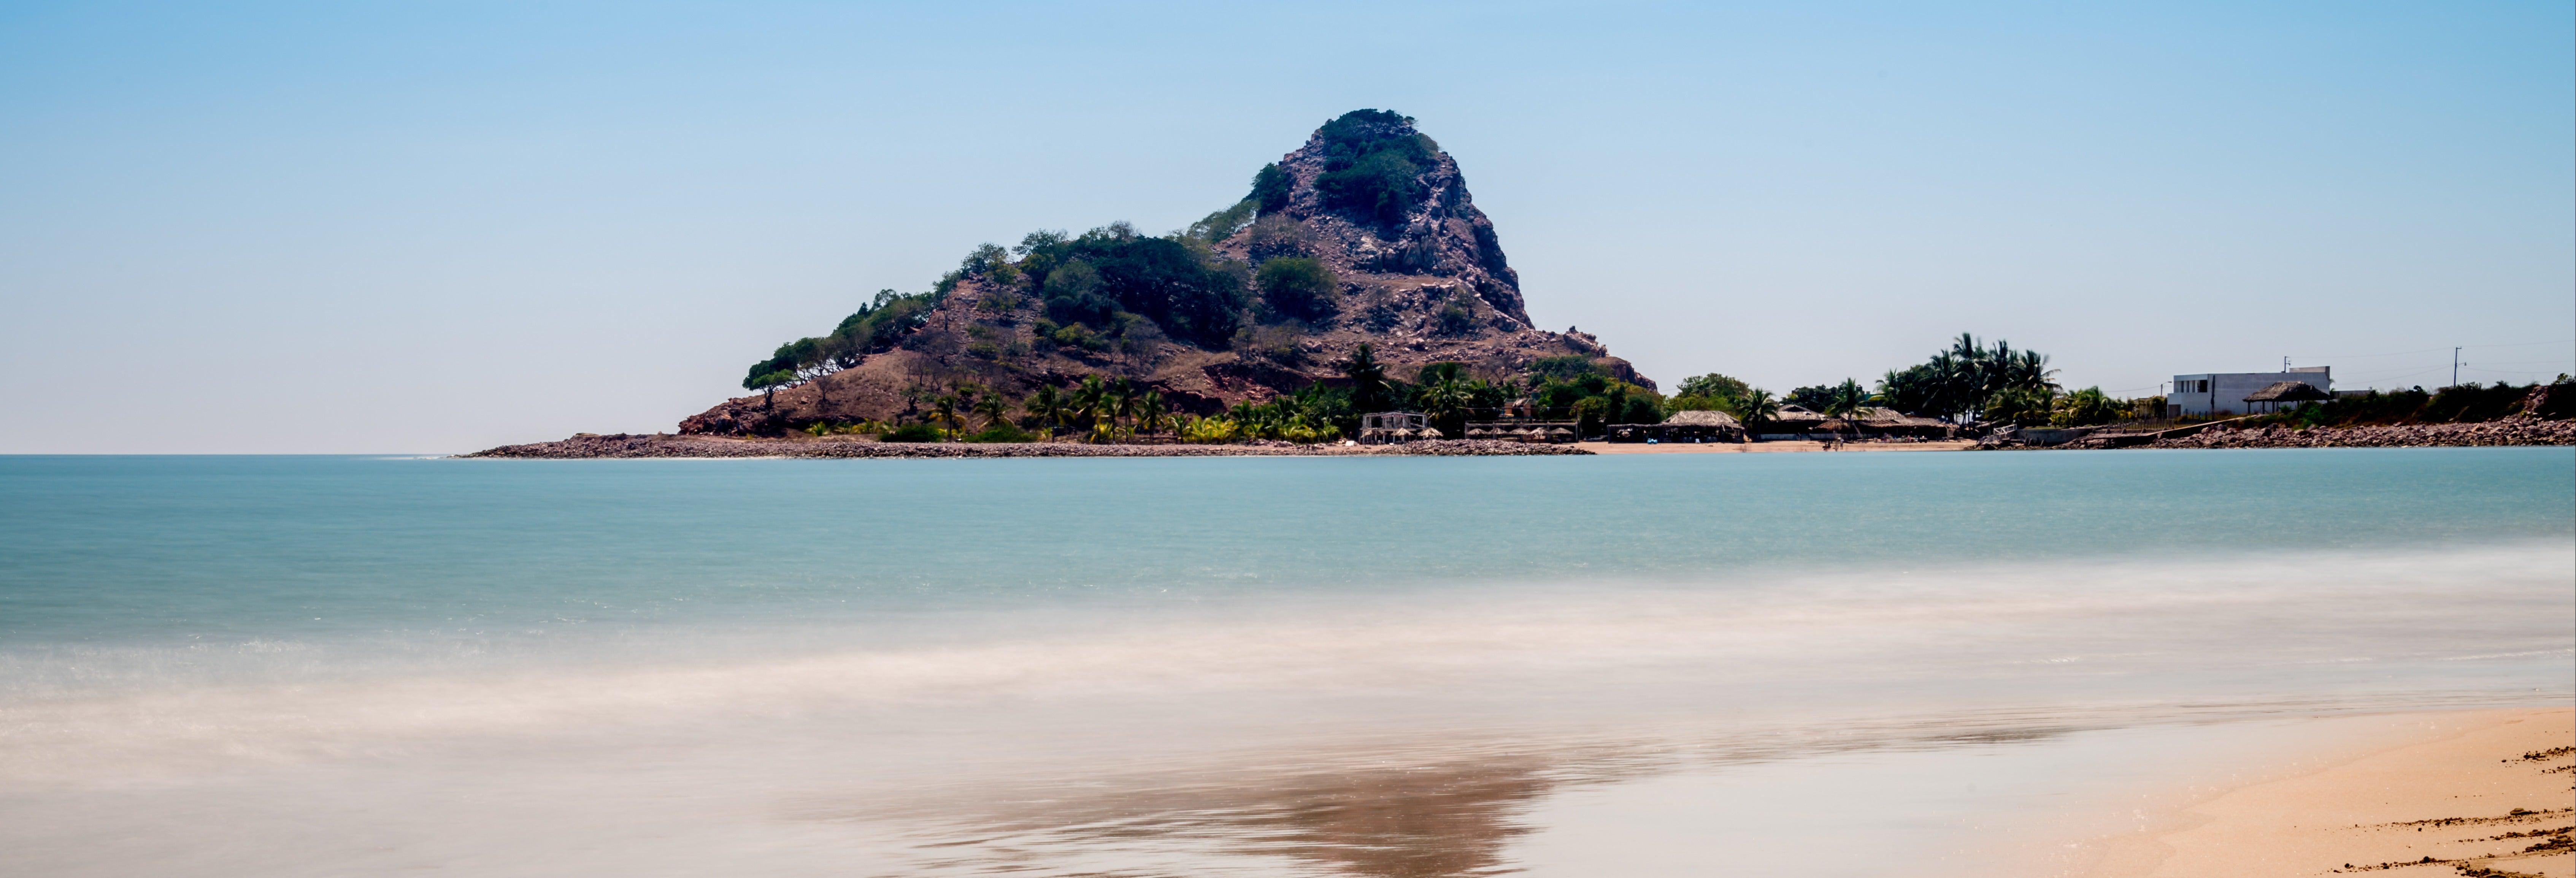 Excursión a Isla de La Piedra